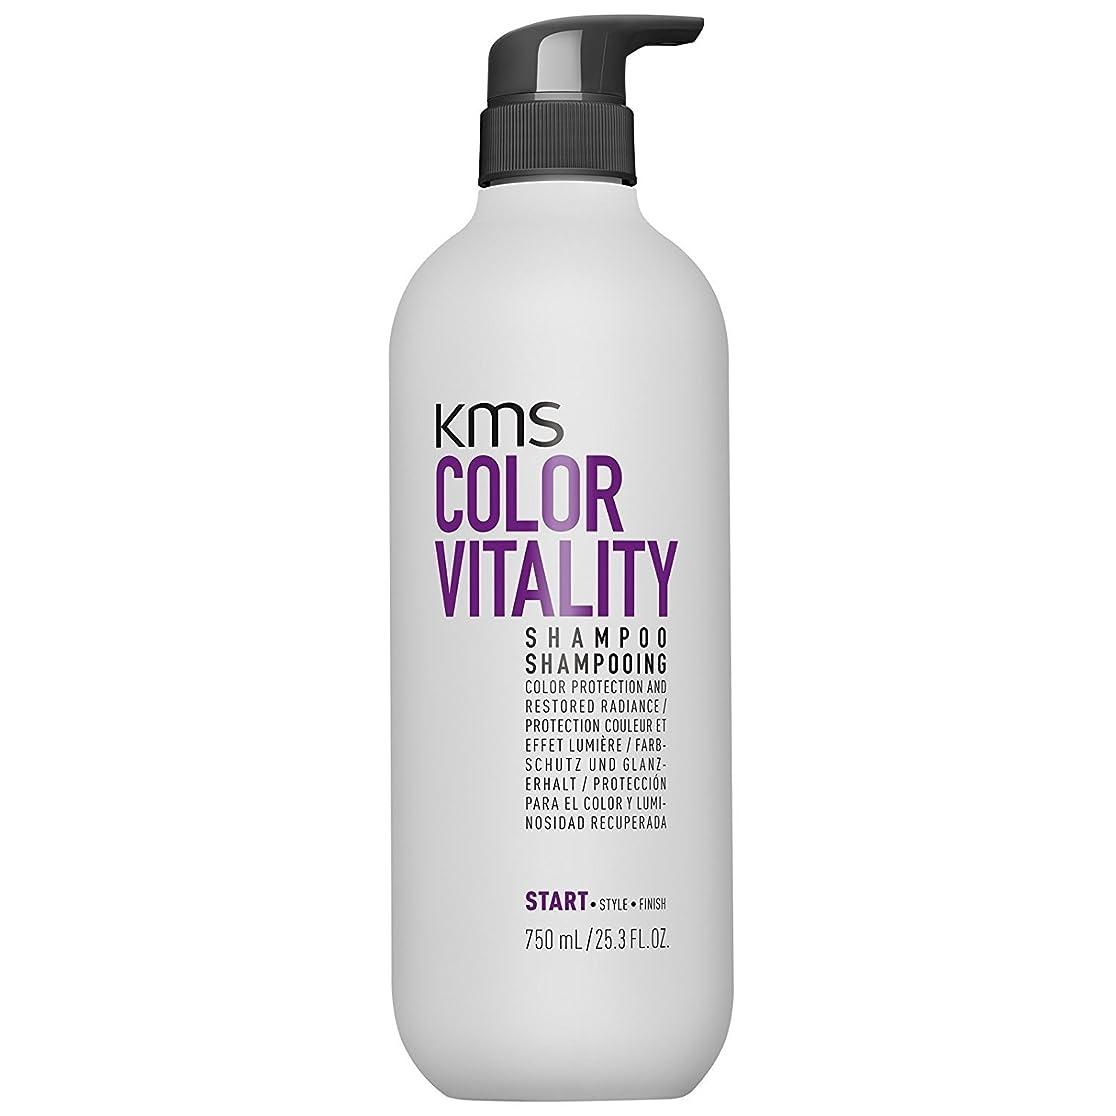 検索エンジンマーケティング角度司令官KMSカリフォルニア Color Vitality Shampoo (Color Protection and Restored Radiance) 750ml